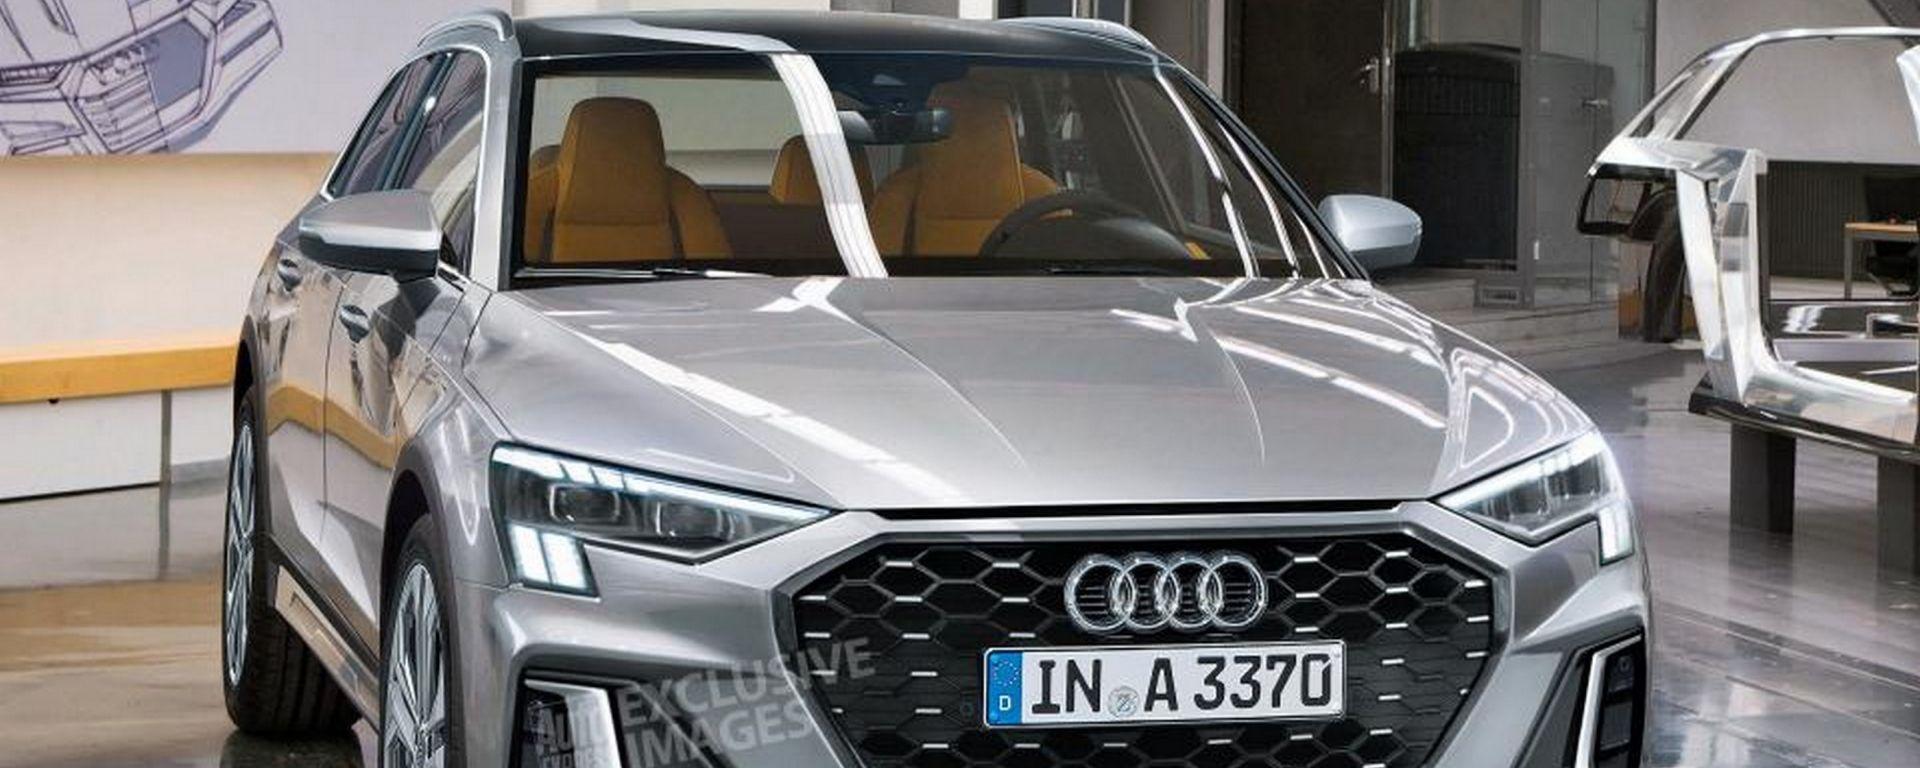 Nuova Audi A3 Cityhopper: la nuova A3 sarà un crossover?